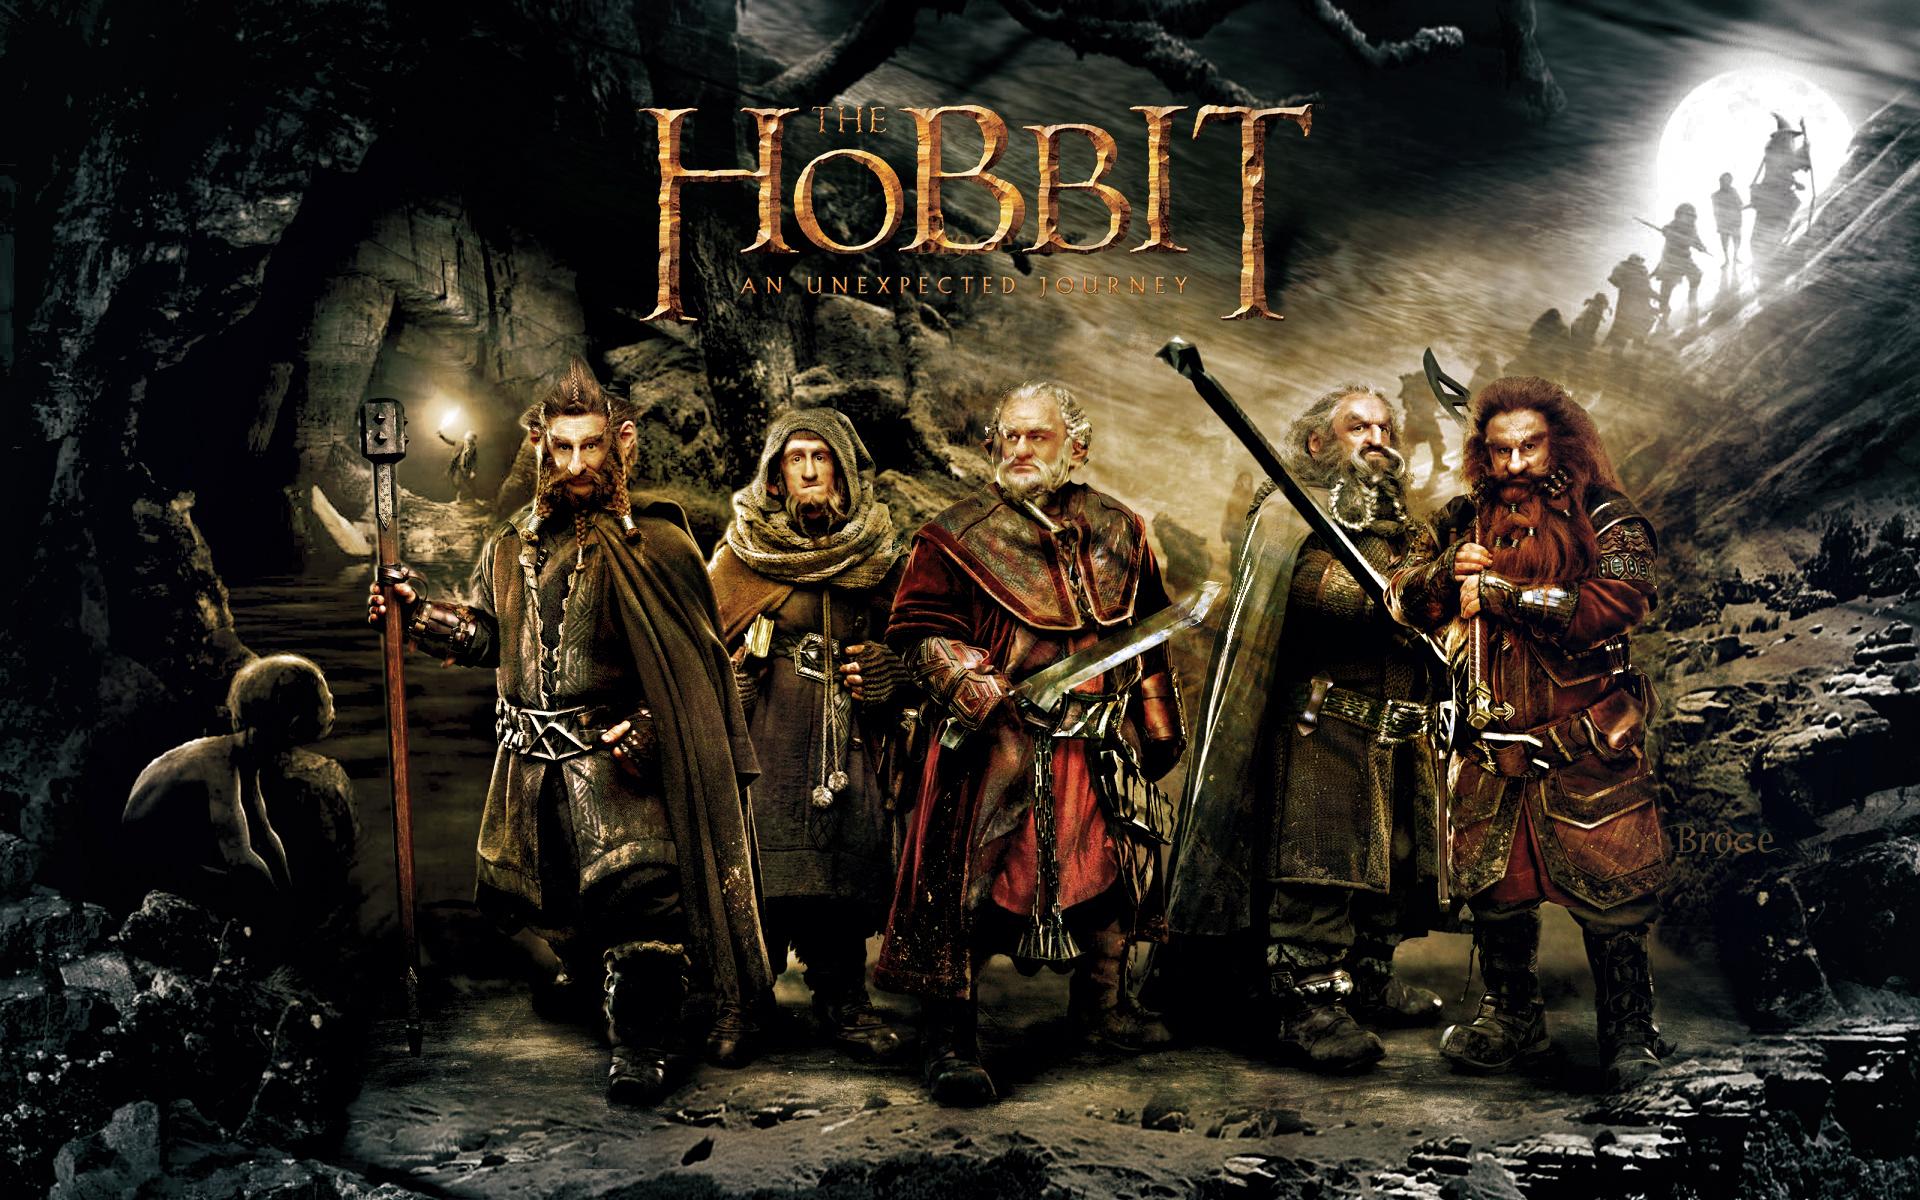 The Hobbit 1920x1200